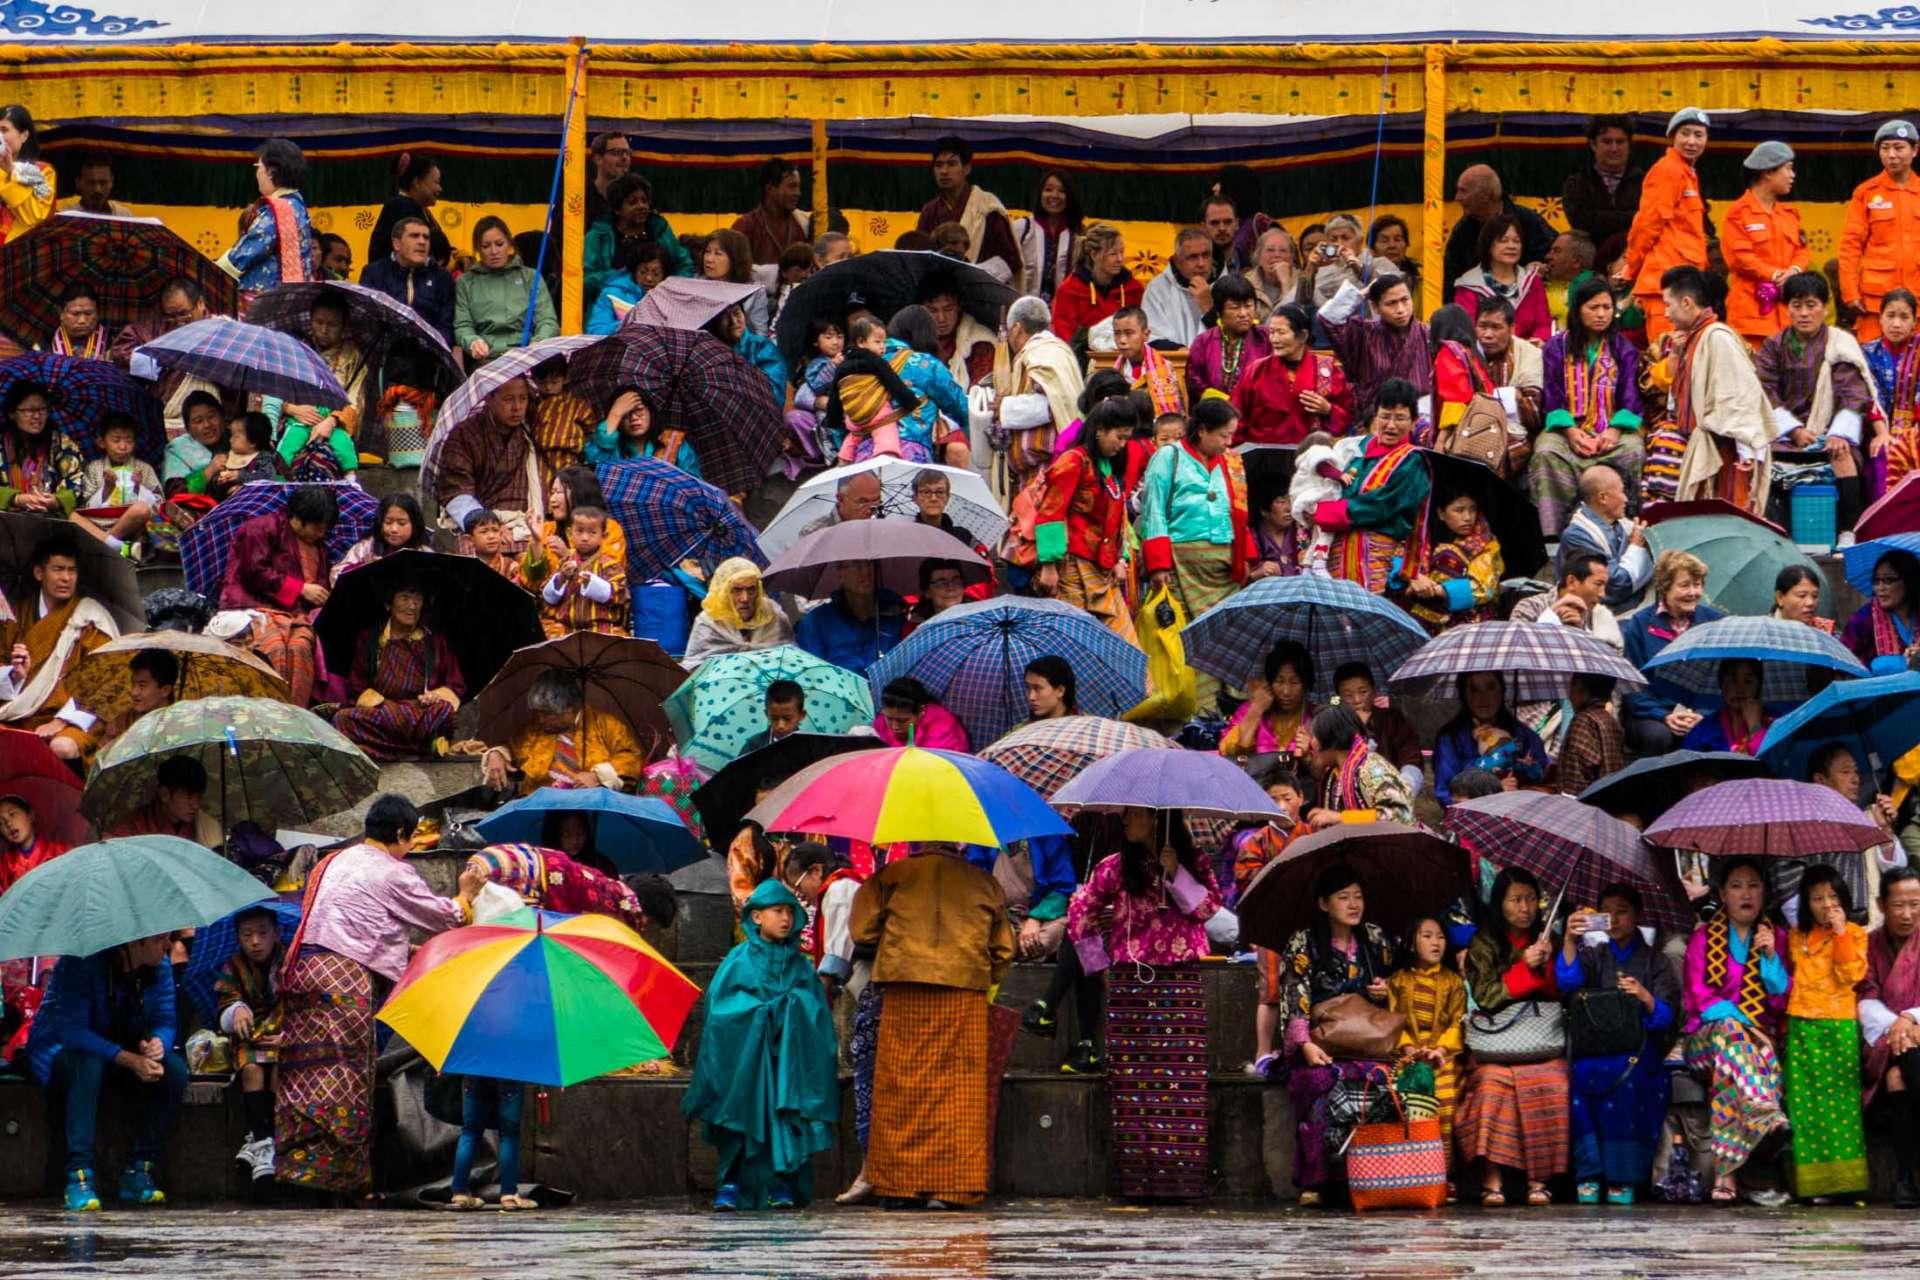 Thimphu Tshechu festival bhutan pescart enrico pescantini 5